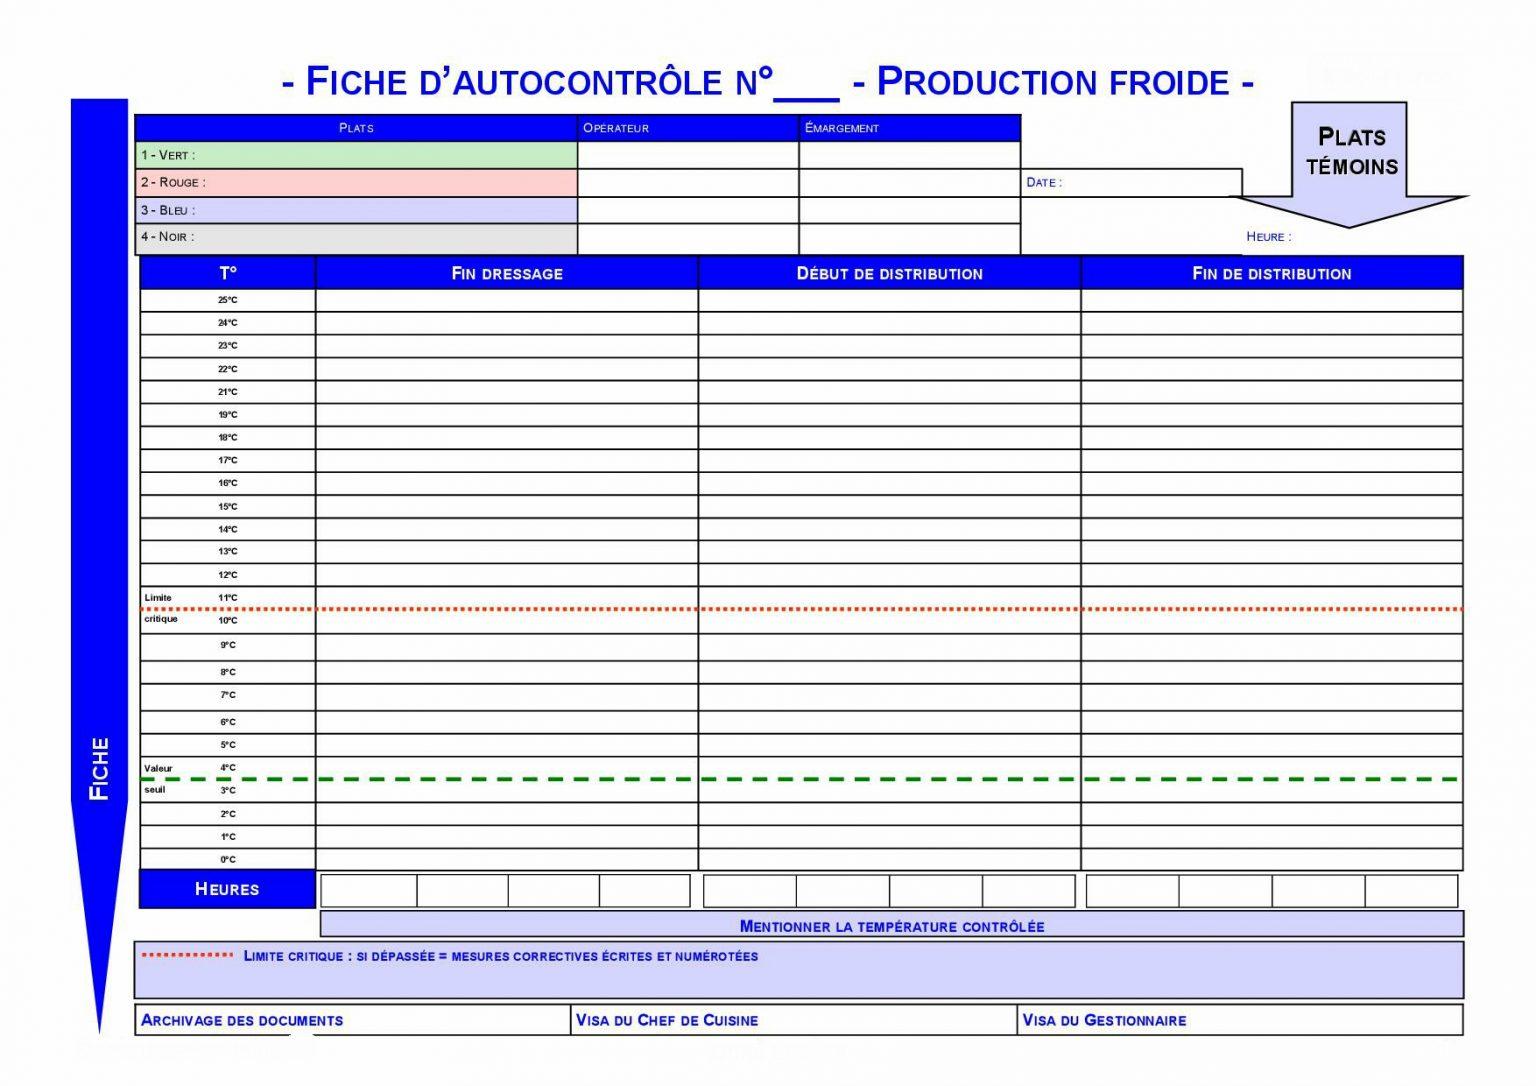 autocontrole-de-production-froide-